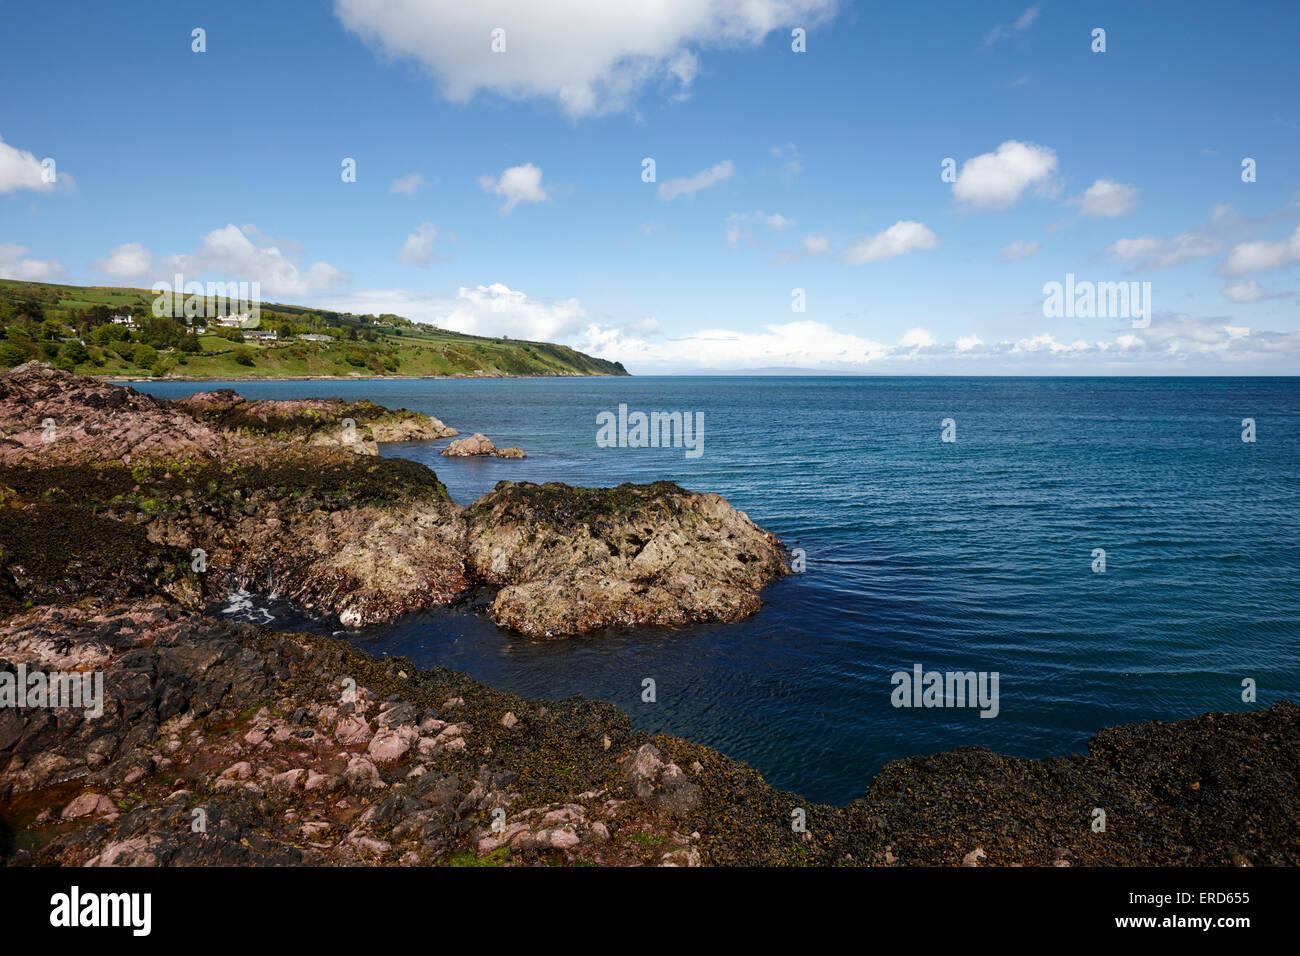 Promontorio dacite rosa rocce al punto di limerick Cushendall County Antrim Irlanda del Nord Regno Unito Immagini Stock